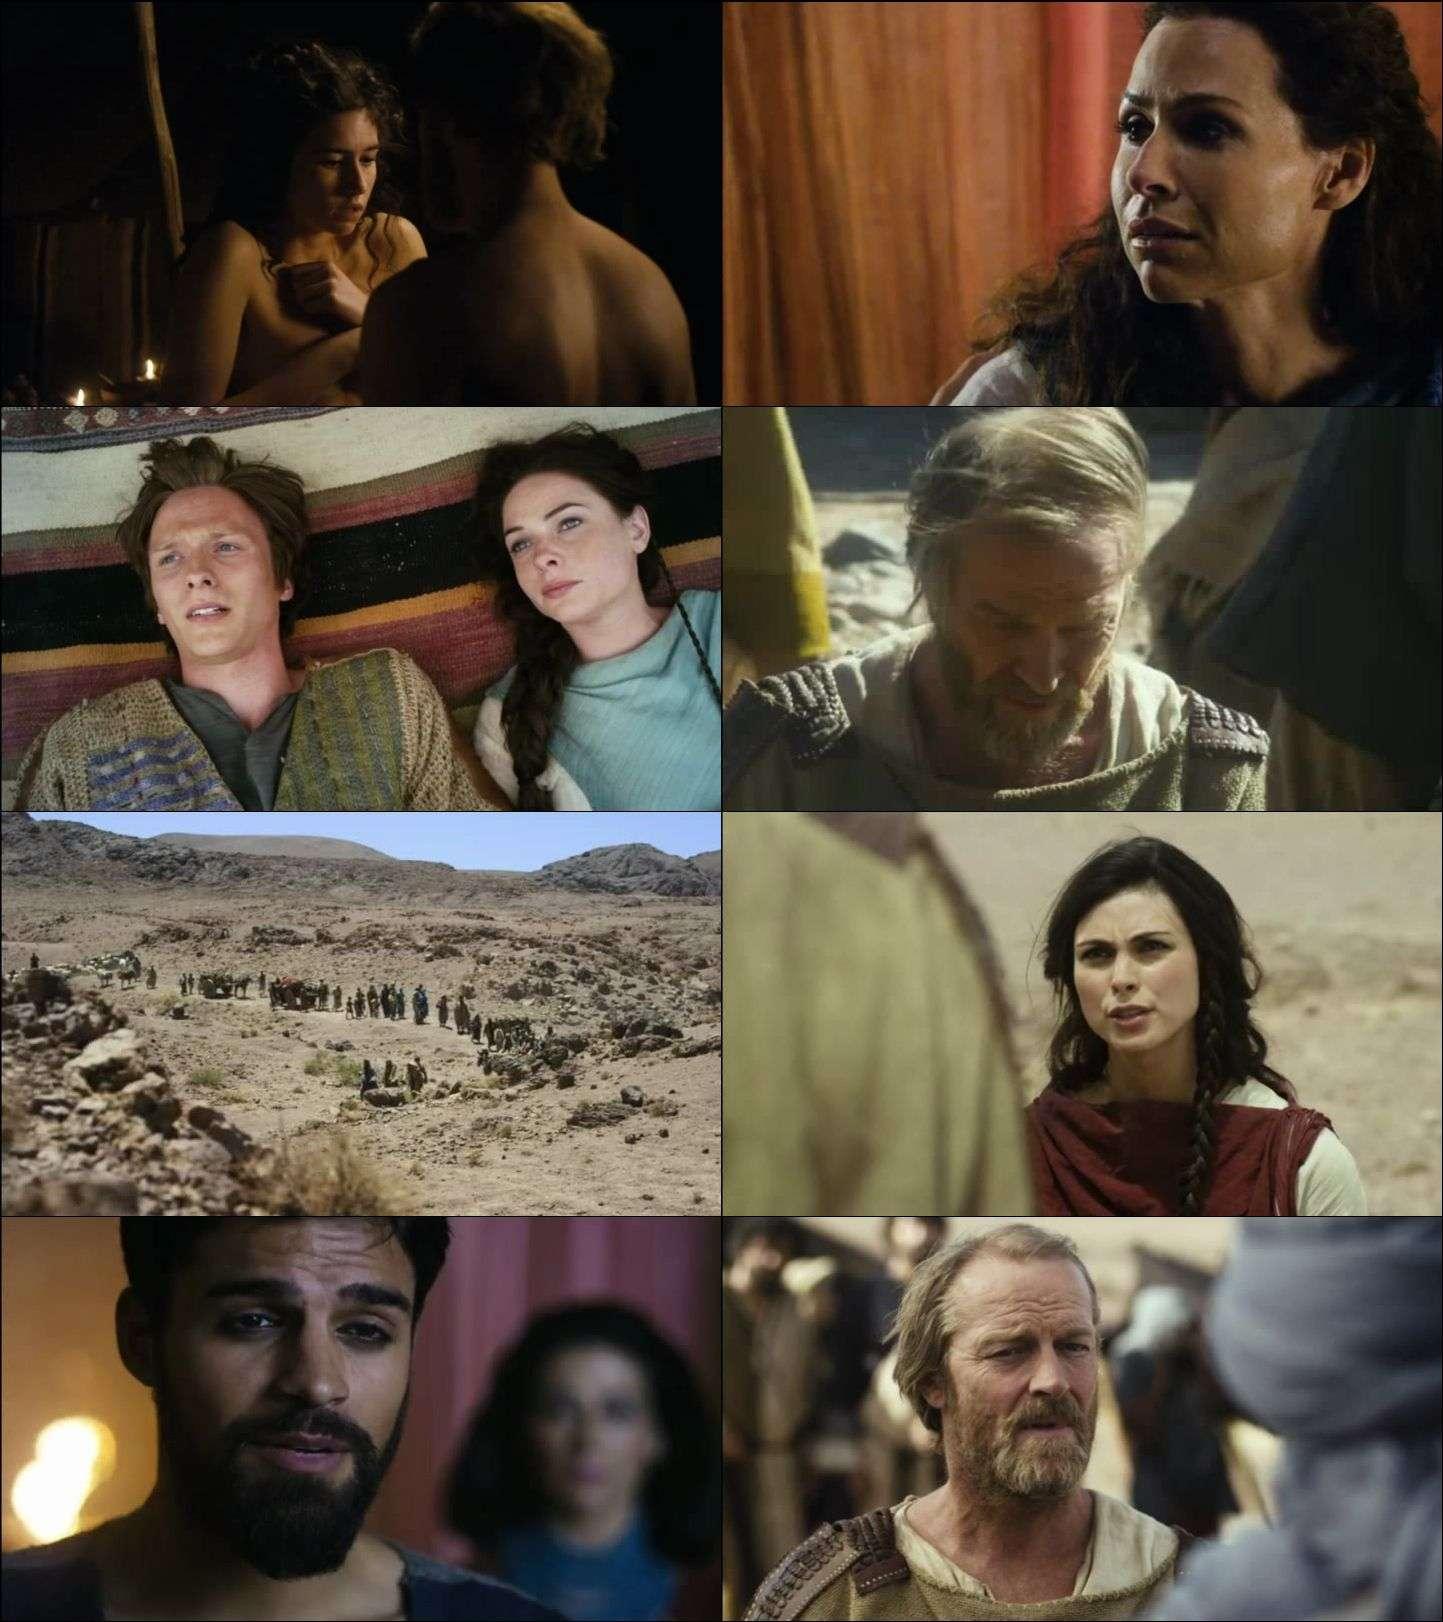 Kırmızı Çadır -  The Red Tent (2014) Yabancı Mini Dizi Tüm Bölümler türkçe dublaj indir